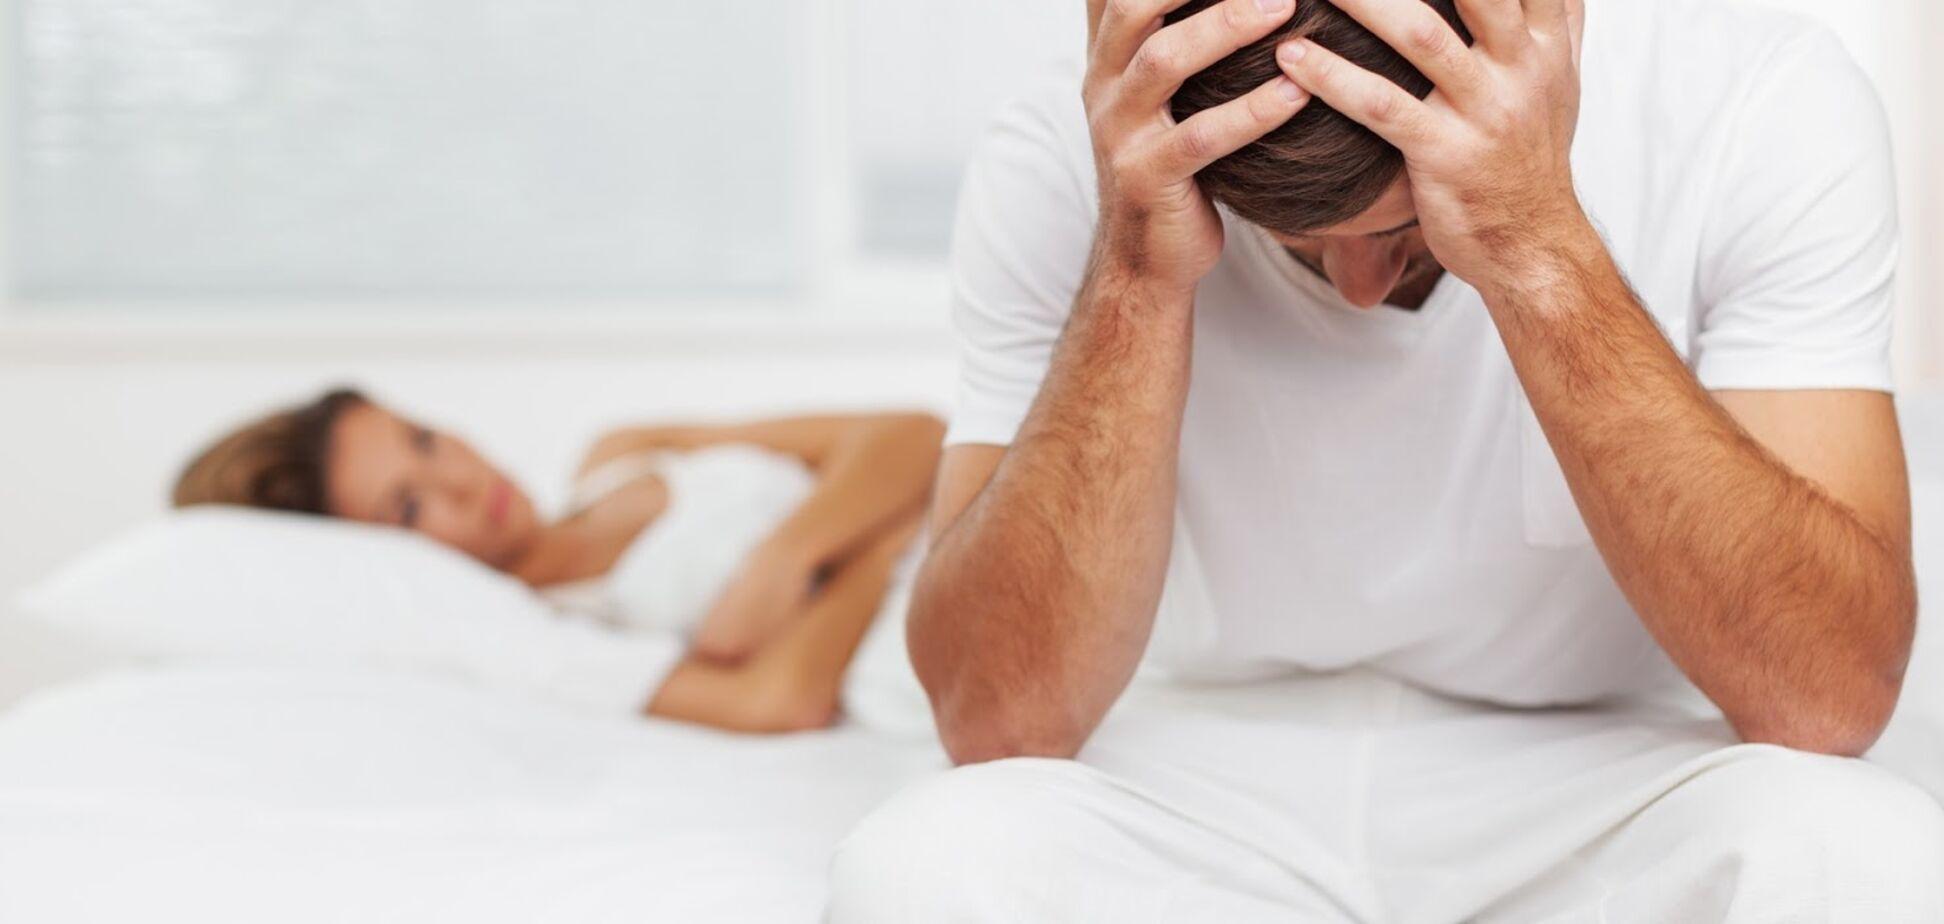 Факторы оценки успешности лечения нарушений половой функции